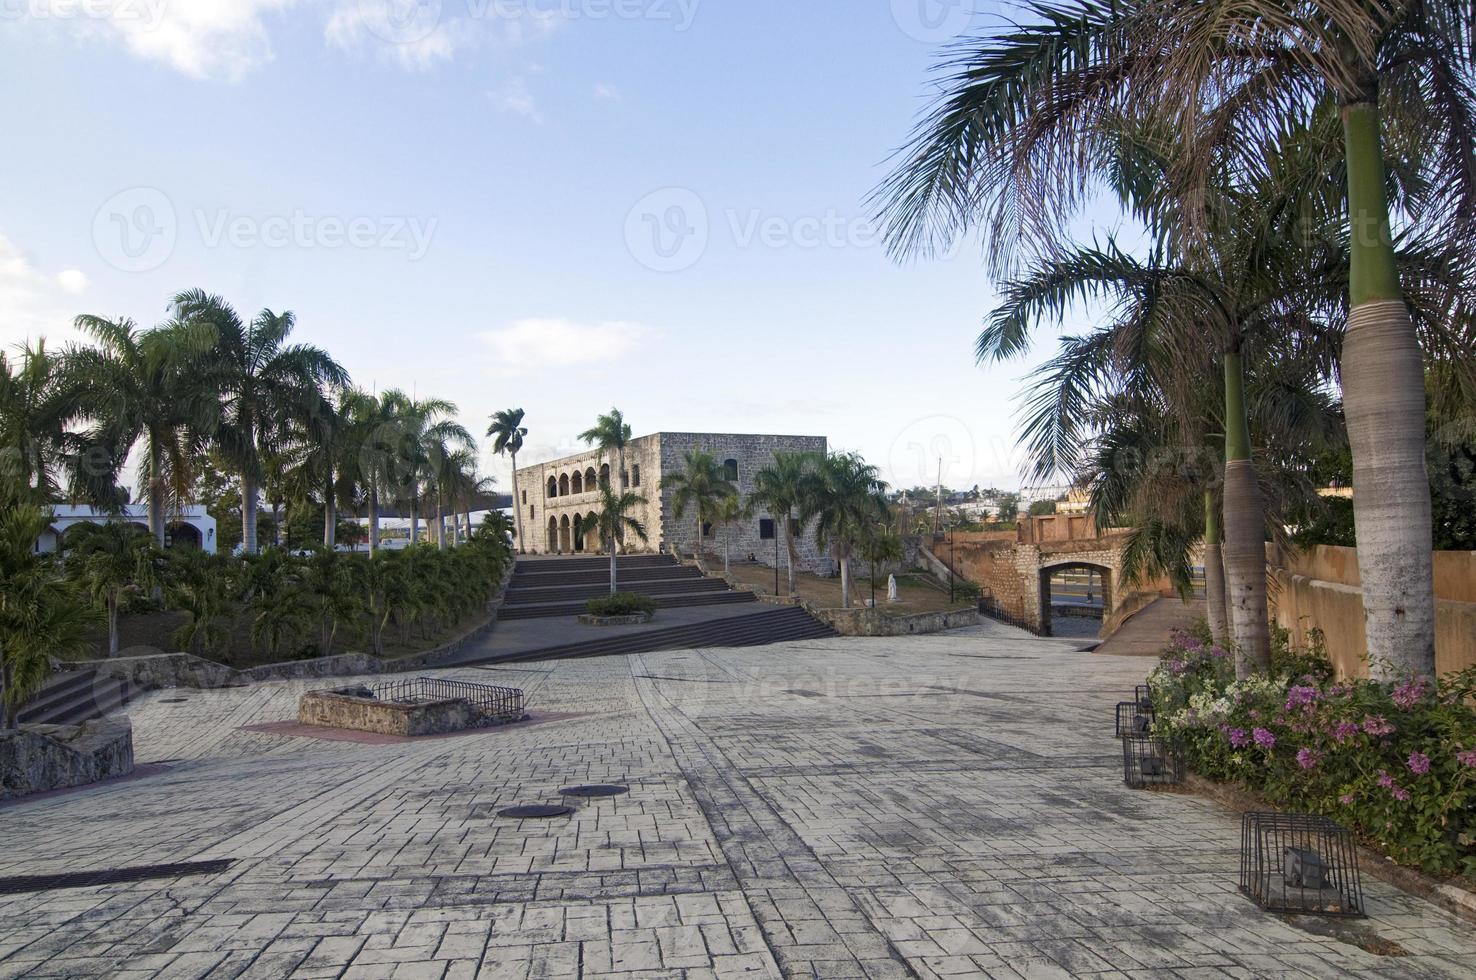 alcazar de colon, république dominicaine. photo